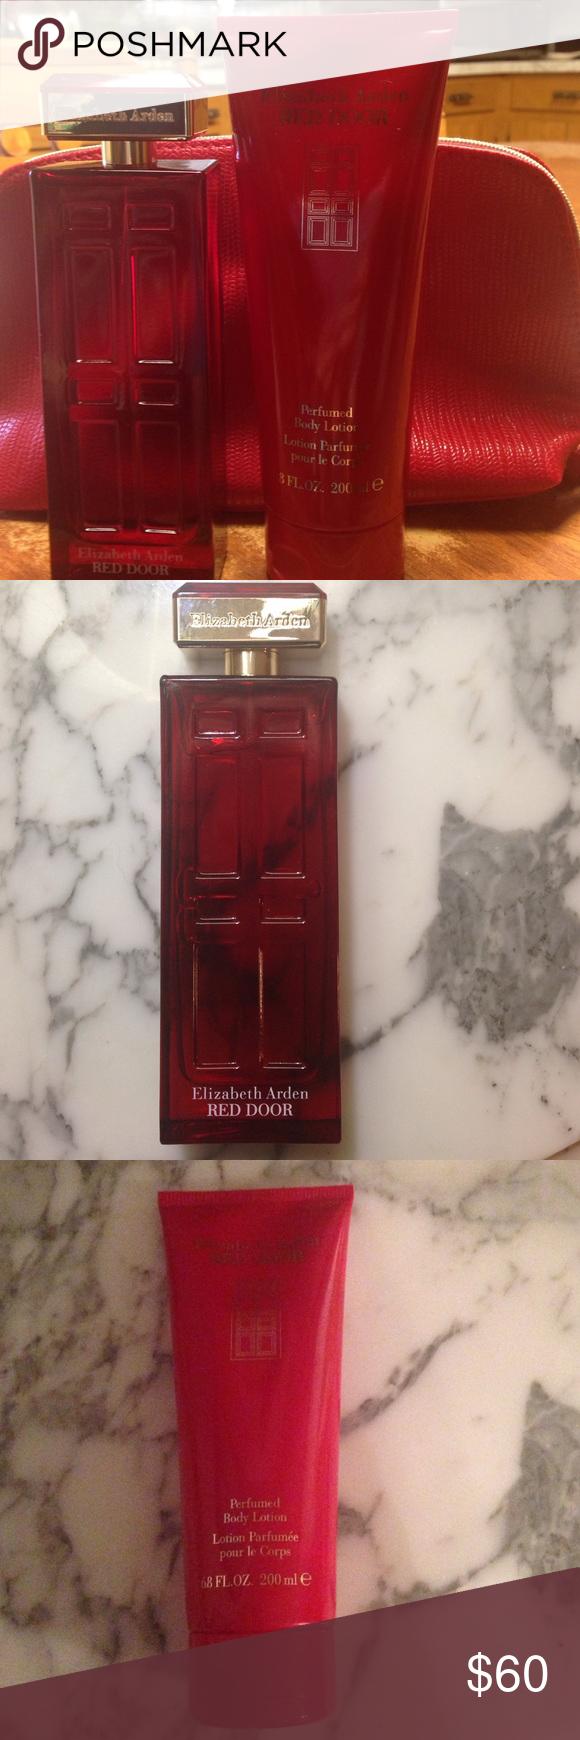 Elizabeth Arden Red Door Gift Set Pinterest Red Door Perfume